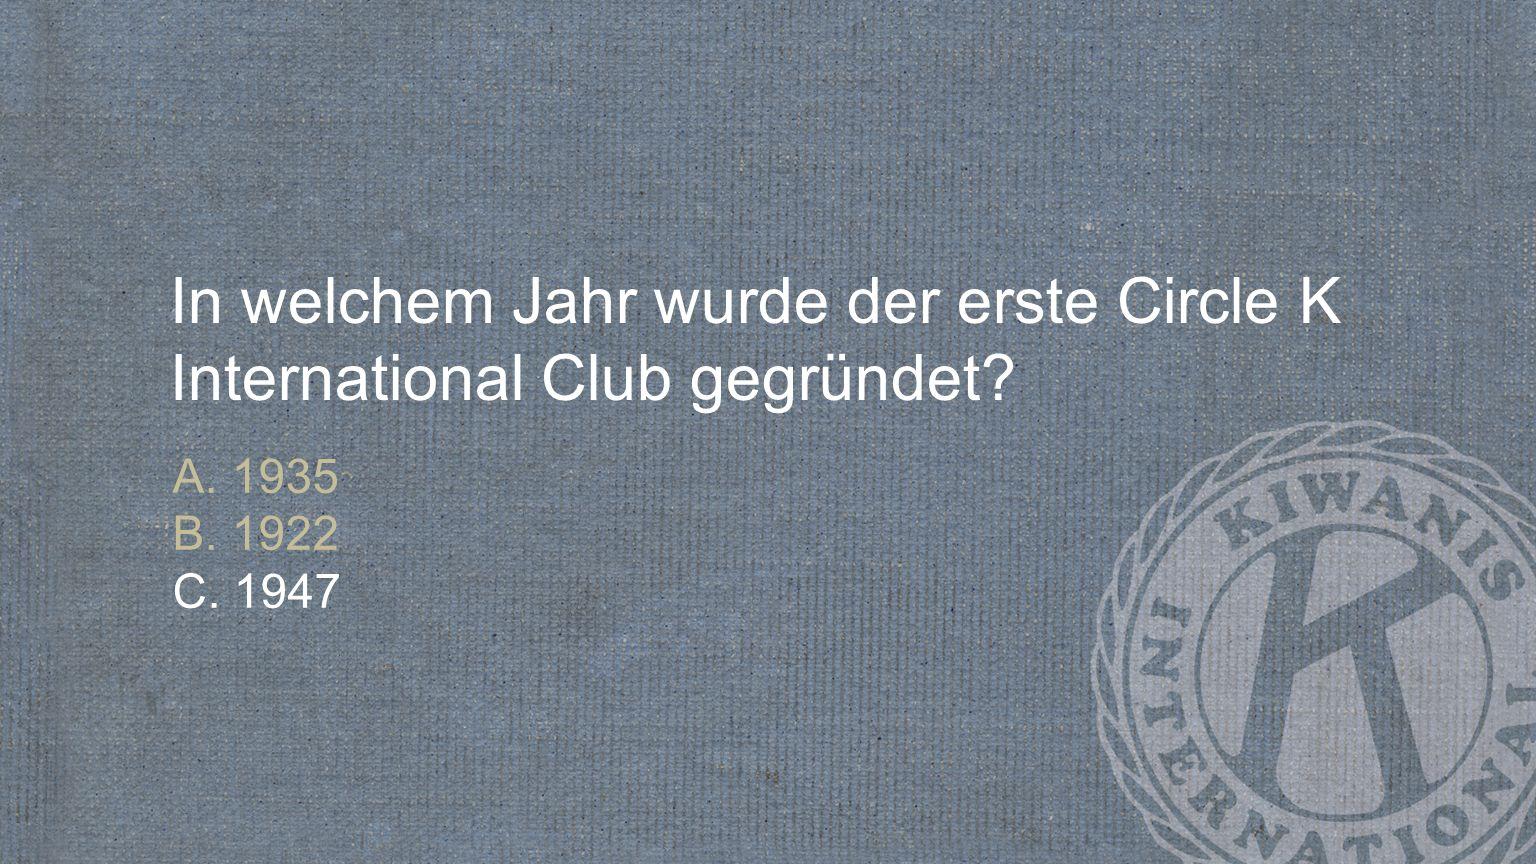 In welchem Jahr wurde der erste Circle K International Club gegründet